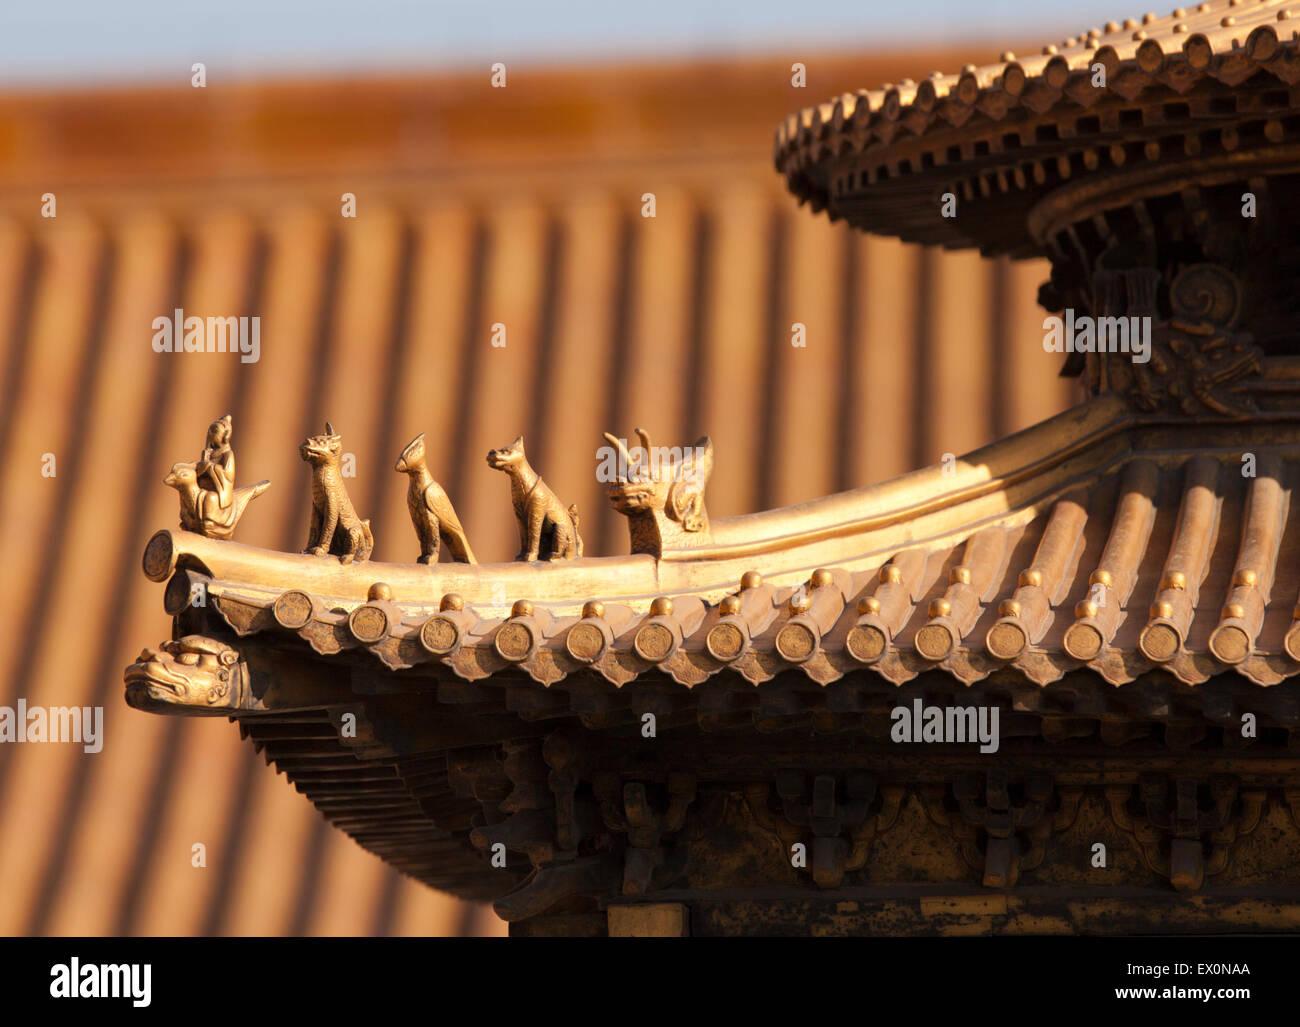 Dettaglio del tetto, la Città Proibita di Pechino, Cina Immagini Stock